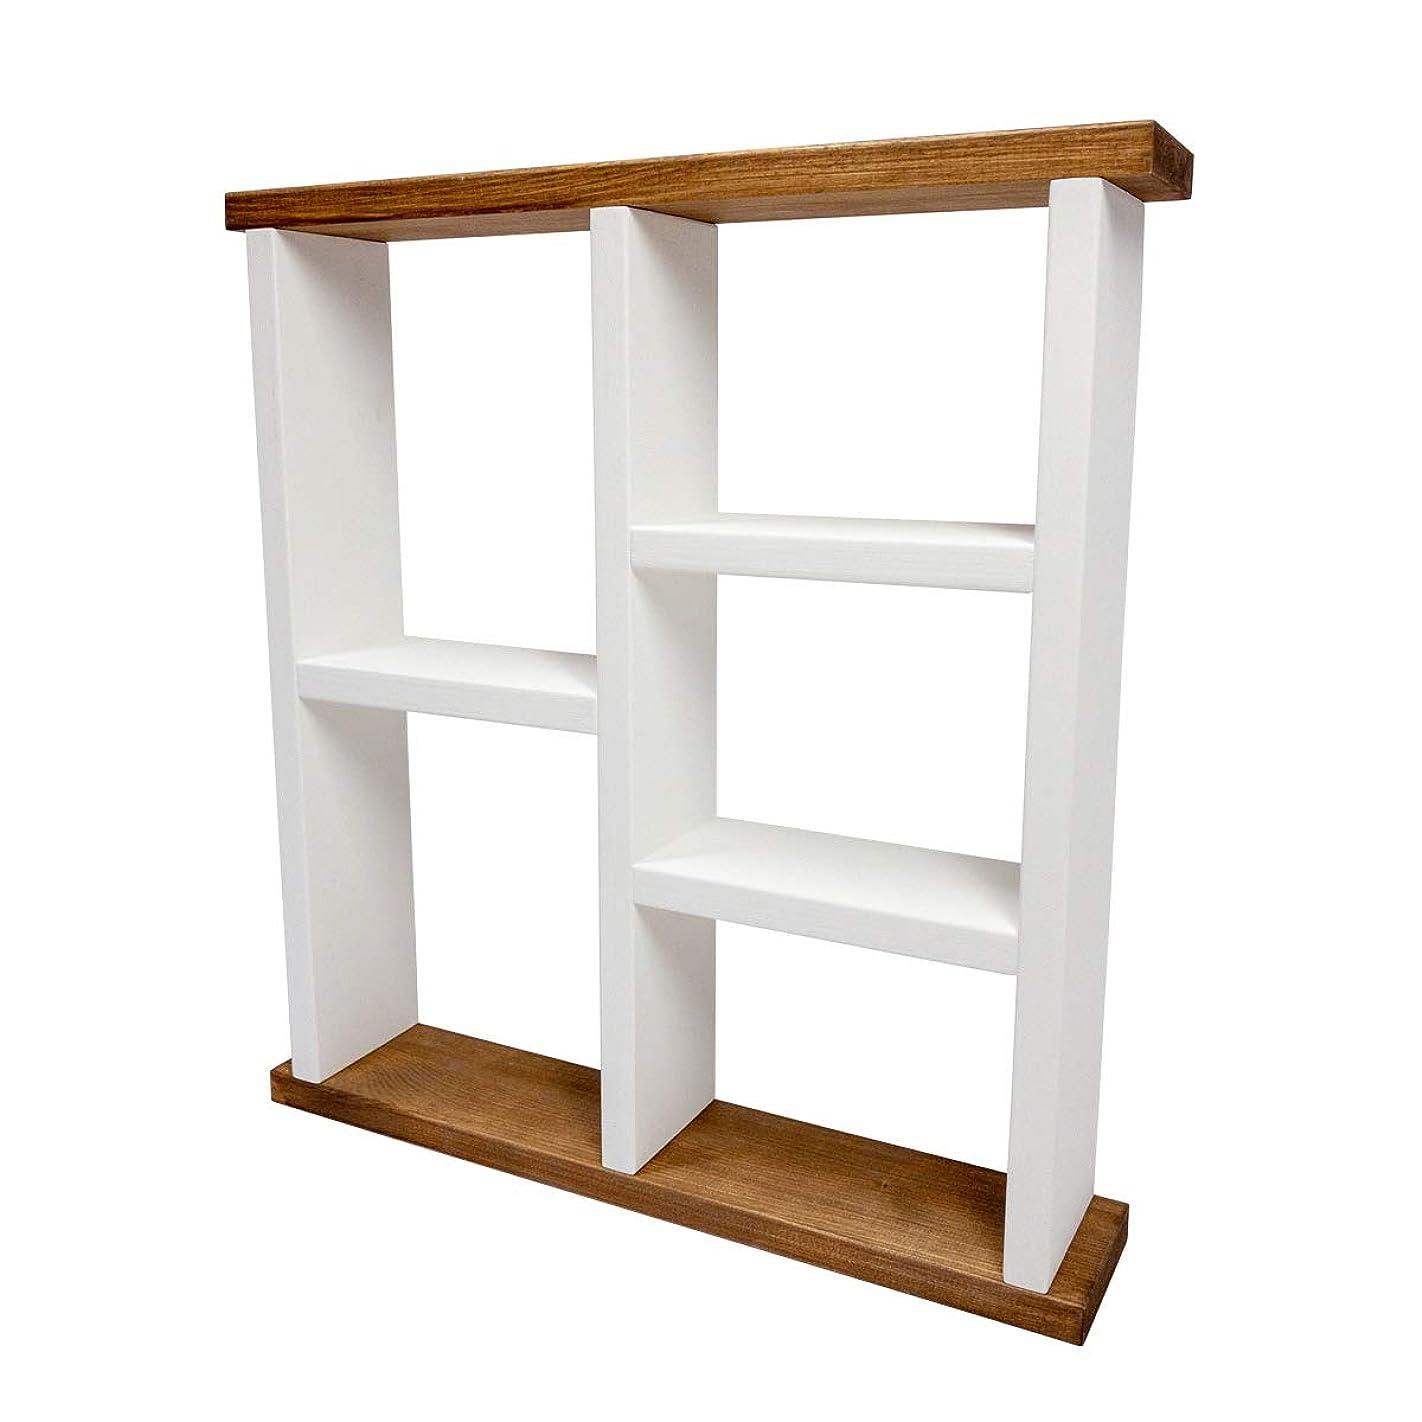 ハンドメイドウォールシェルフ 【シェルフB】木製 壁掛け 棚 ブラウン&ホワイト